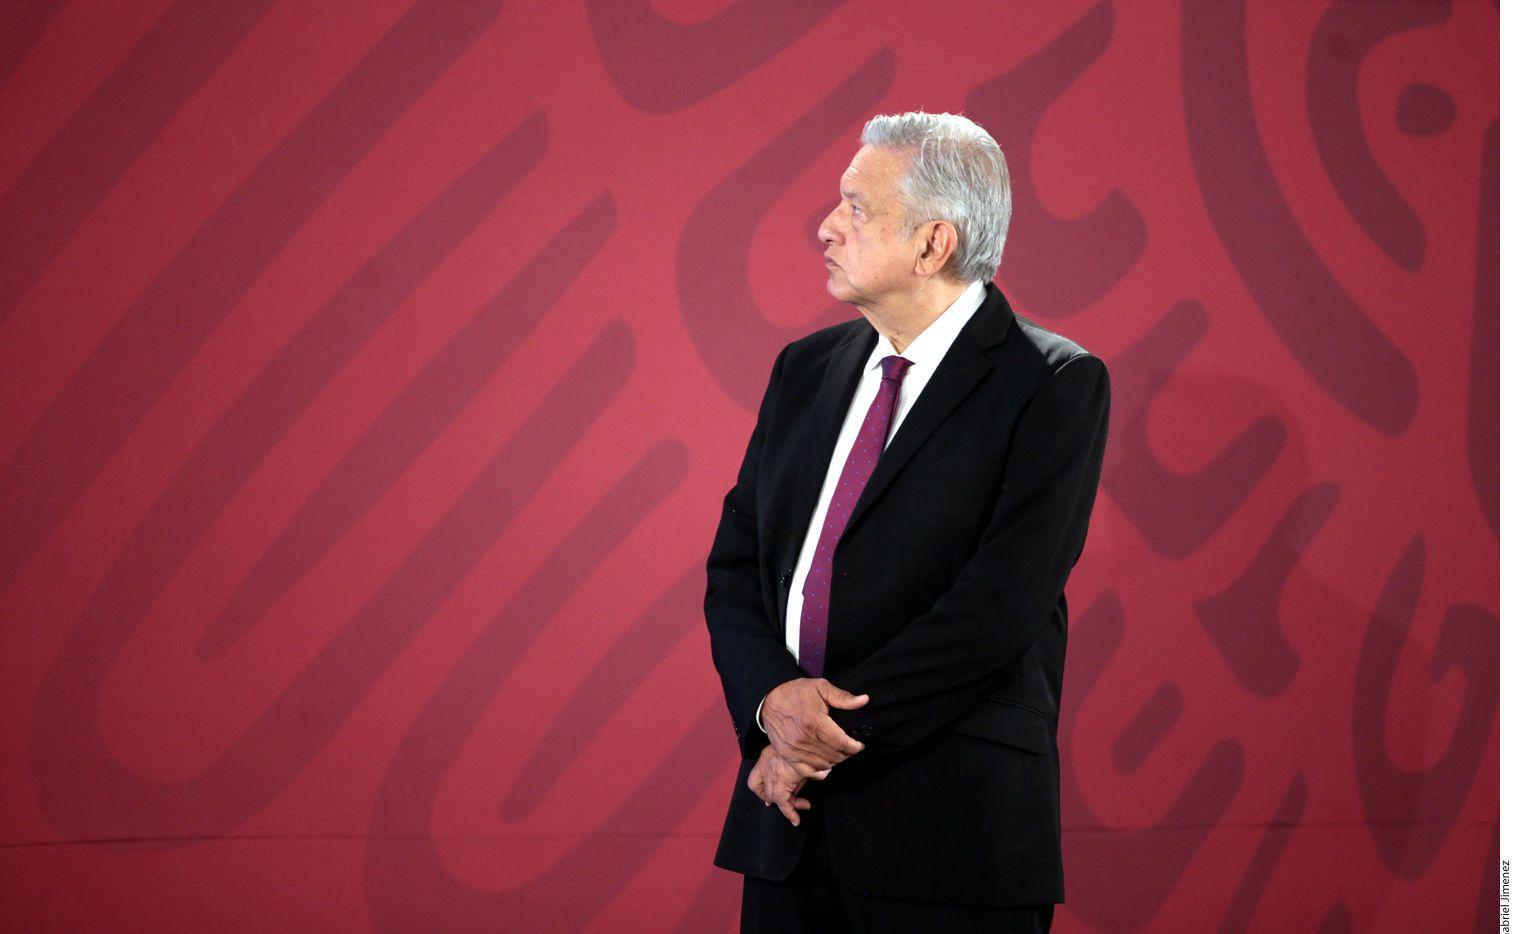 """El Presidente Andrés Manuel López Obrador demanda una disculpa de los españoles """"por los delitos y vejaciones que se cometieron contra los pueblos nativos durante aquella época"""", en referencia a la Conquista de México./ AGENCIA REFORMA"""